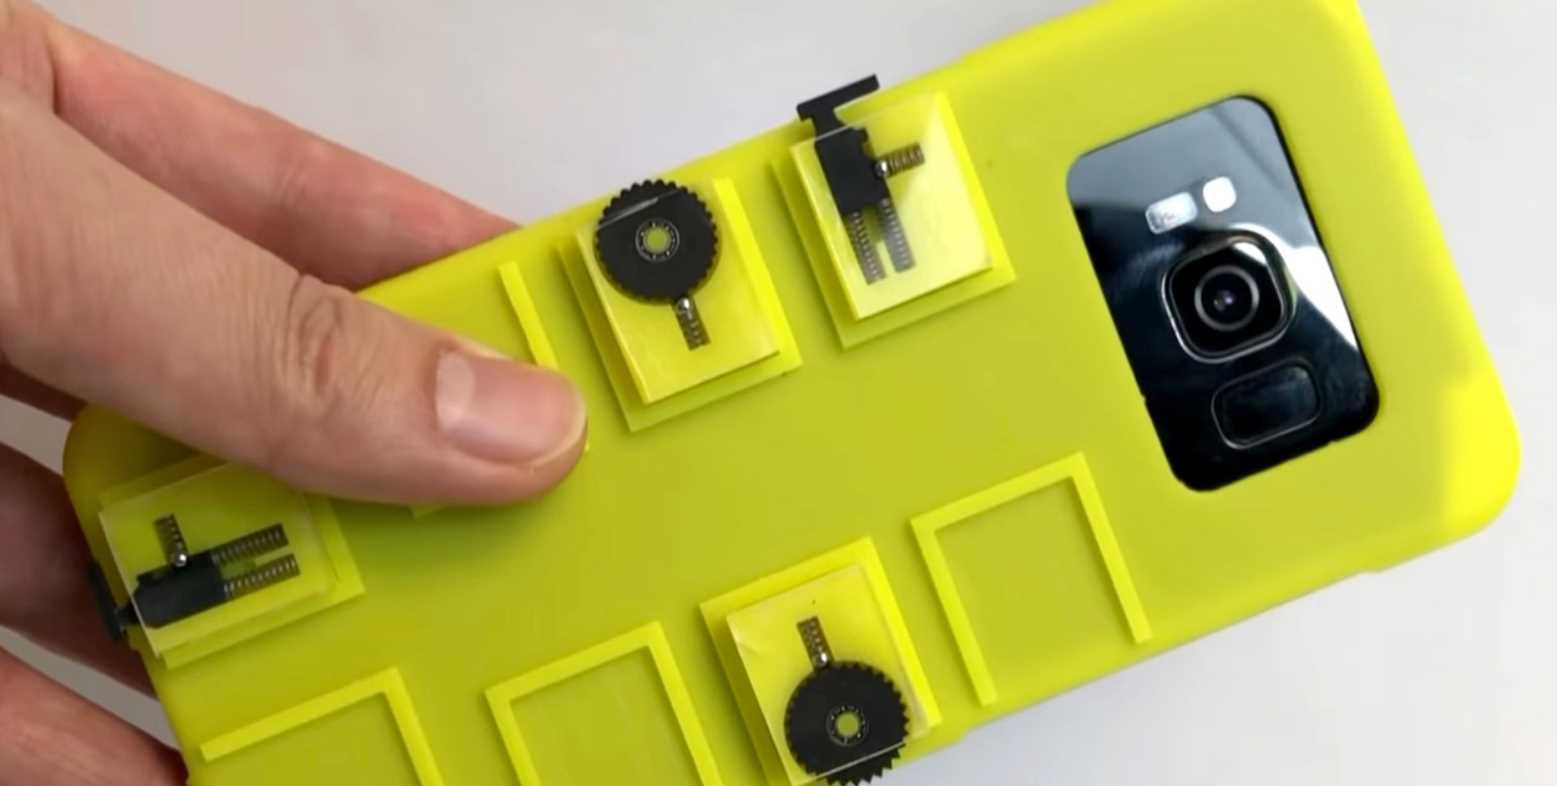 La carcasa de móvil más útil del mercado